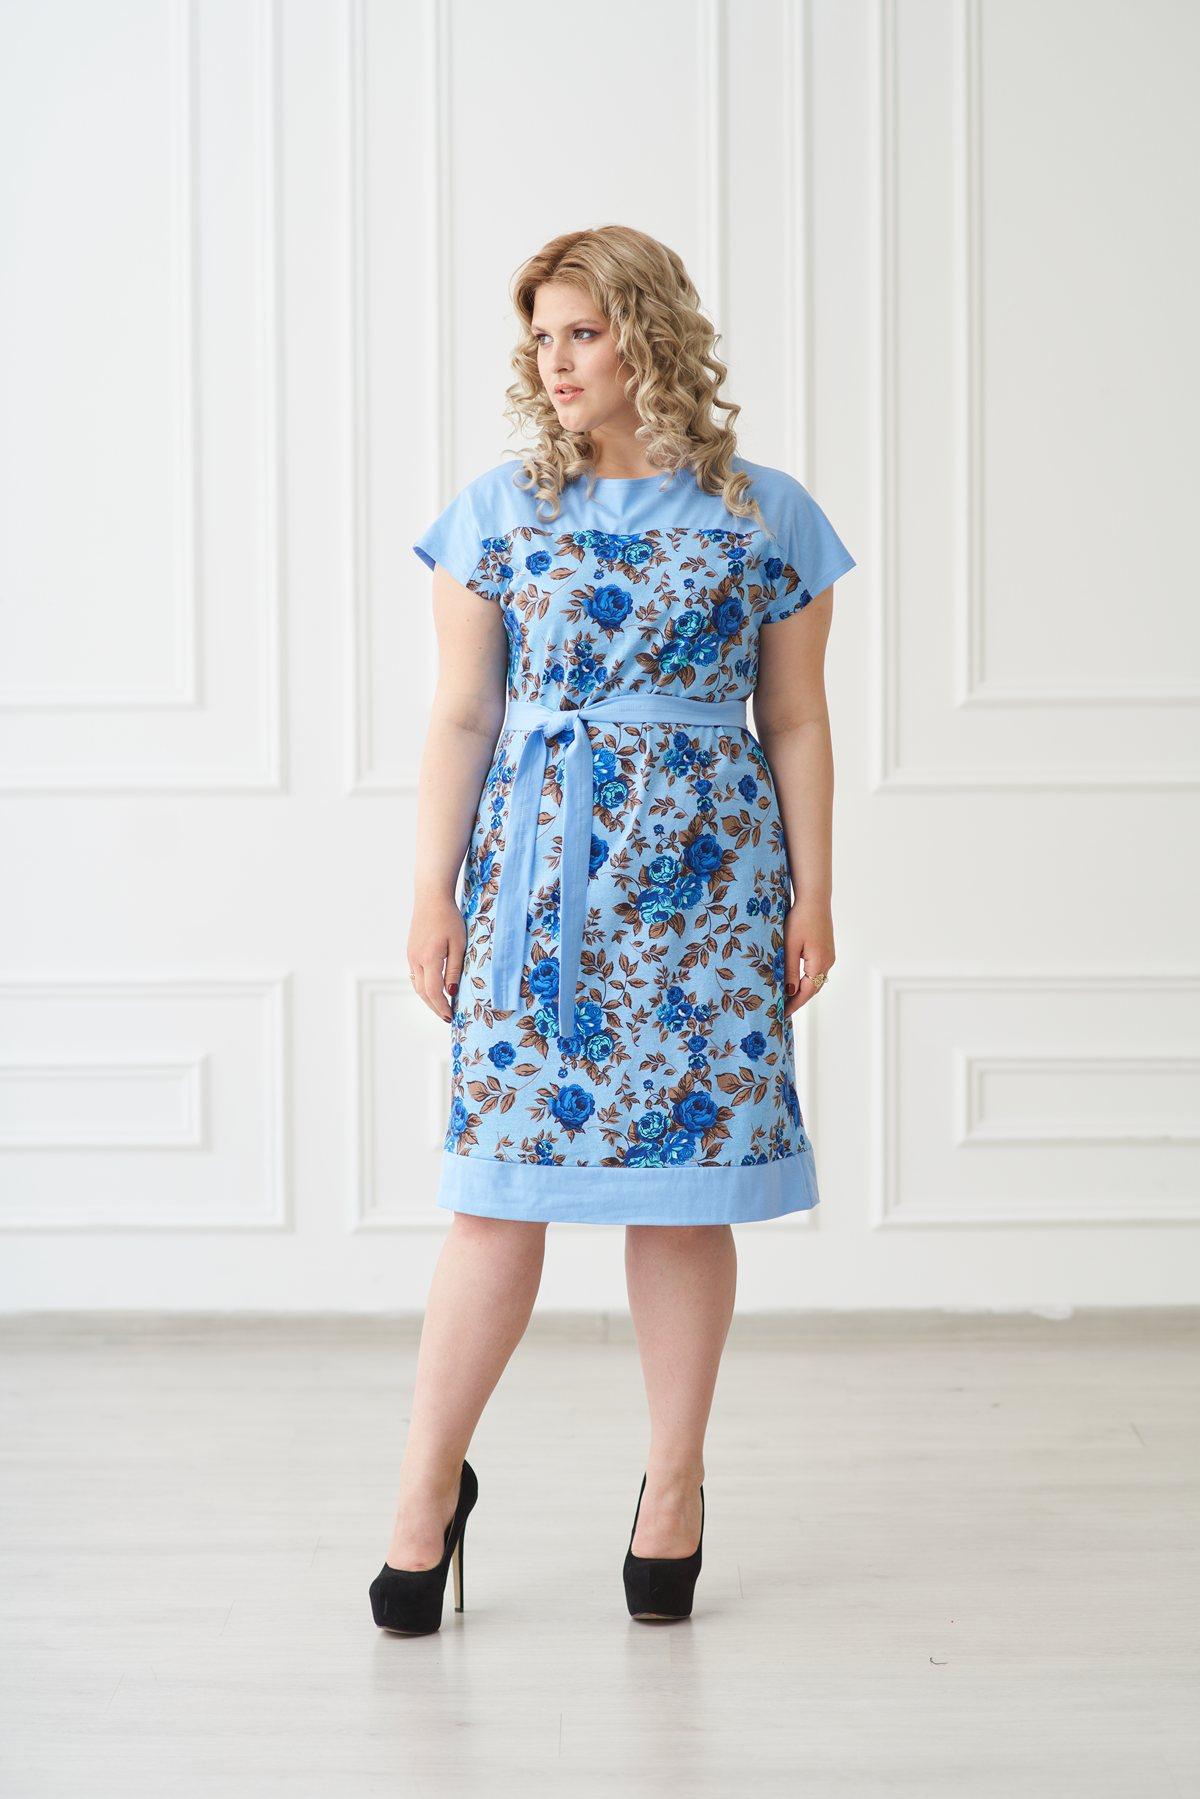 Жен. платье арт. 19-0139 Голубой р. 56Платья<br>Факт. ОГ: 110 см <br>Факт. ОТ: 106 см <br>Факт. ОБ: 114 см <br>Длина по спинке: 105 см<br><br>Тип: Жен. платье<br>Размер: 56<br>Материал: Кулирка